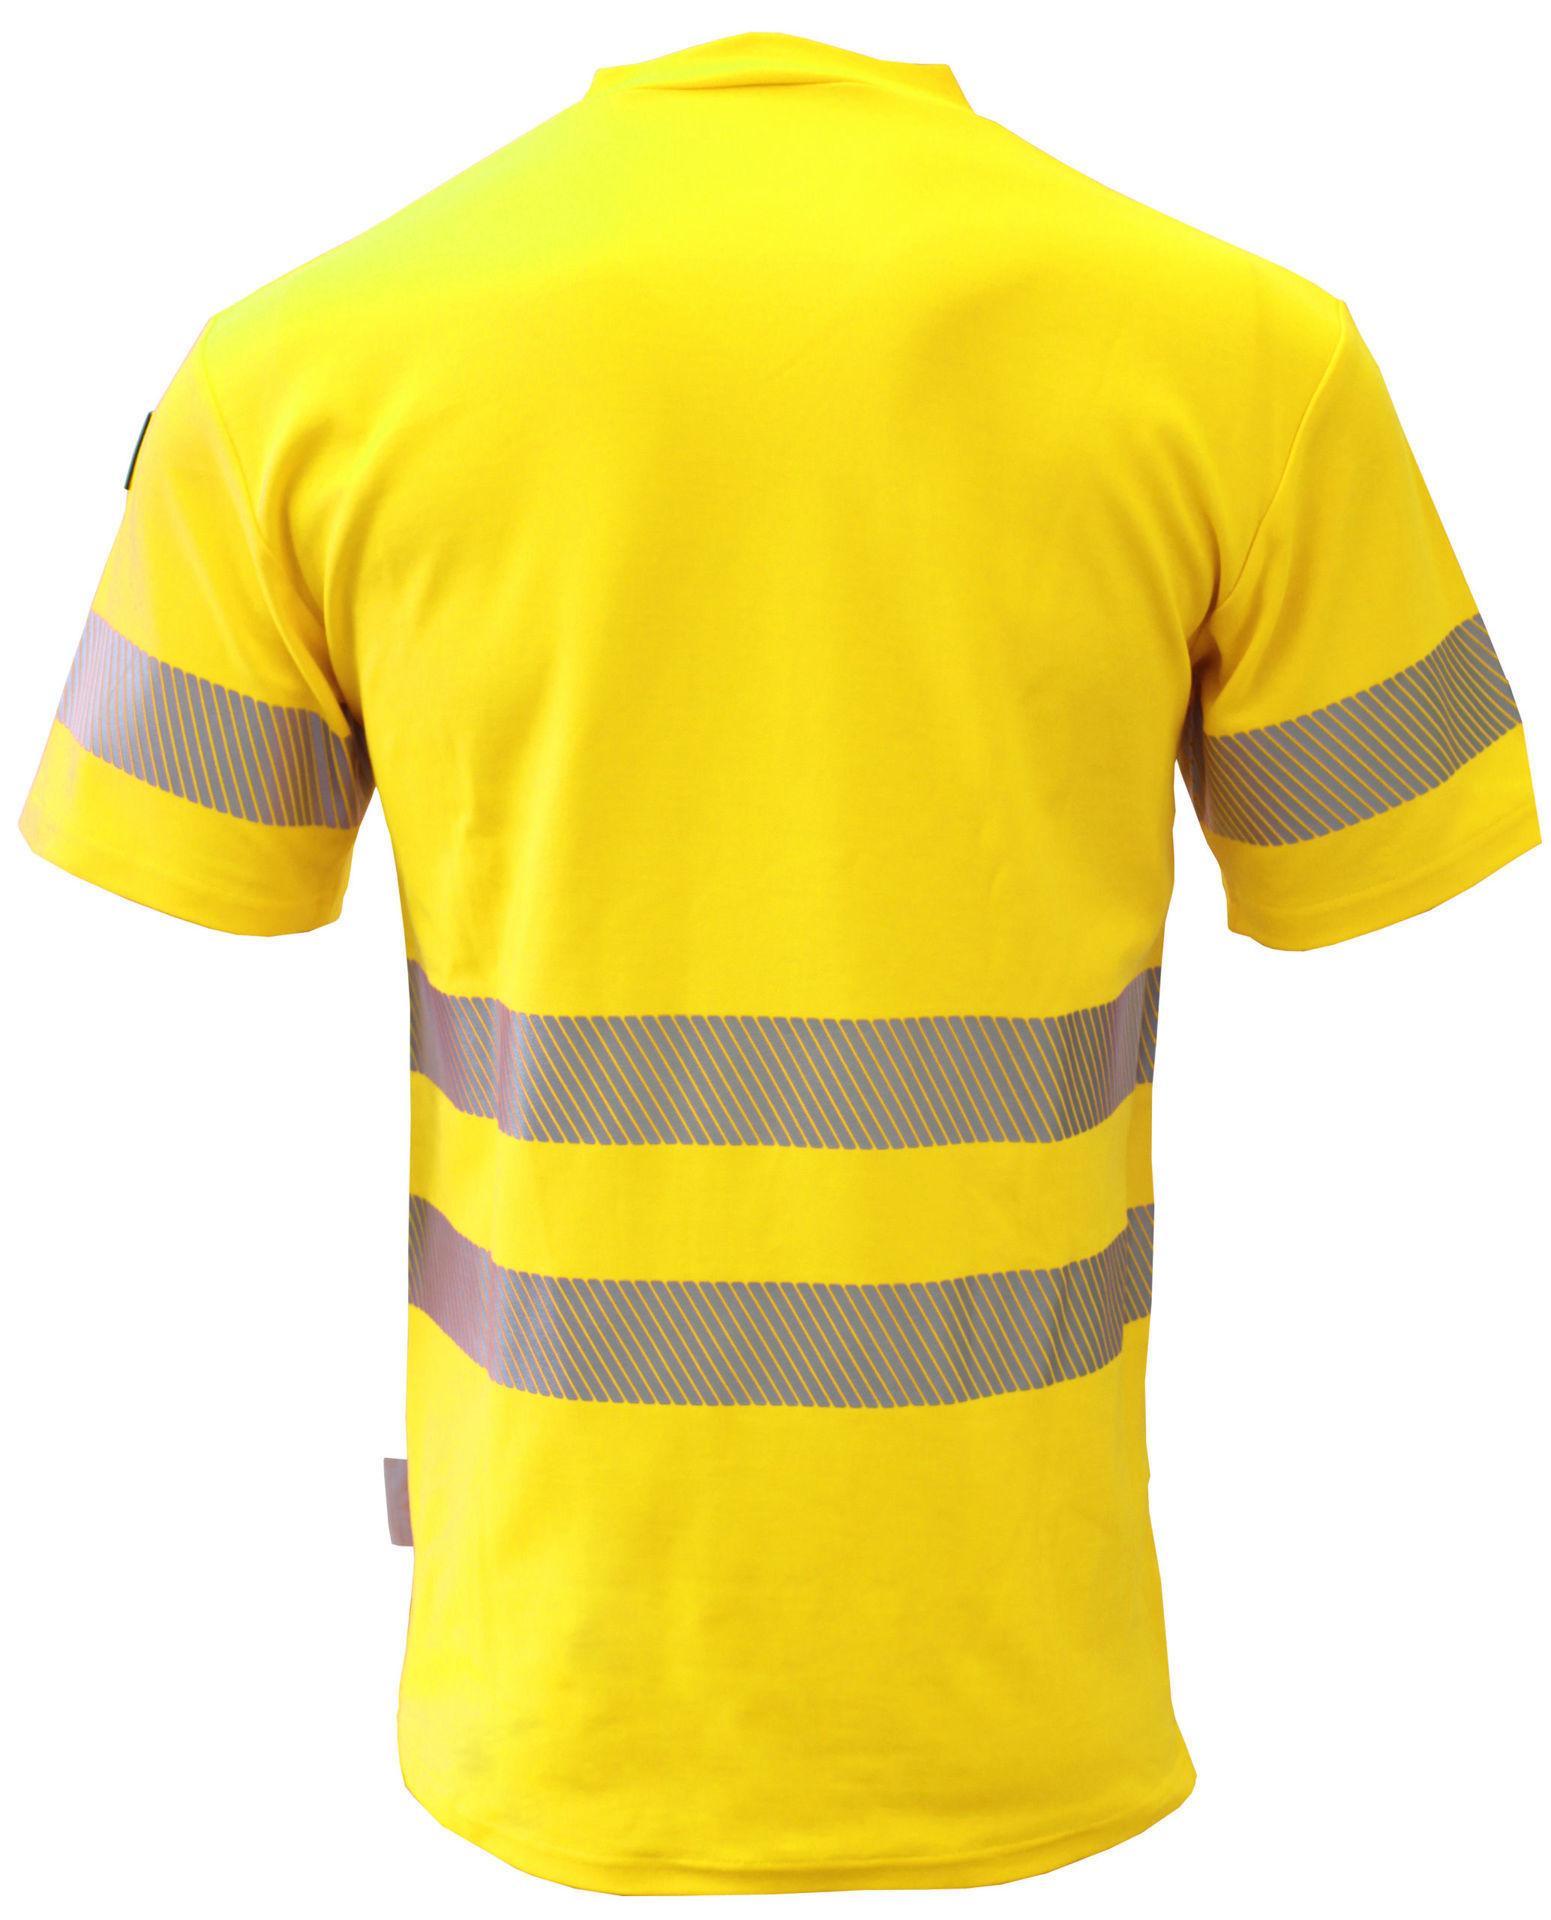 Bild von Piz Palü T-Shirt UPF 80